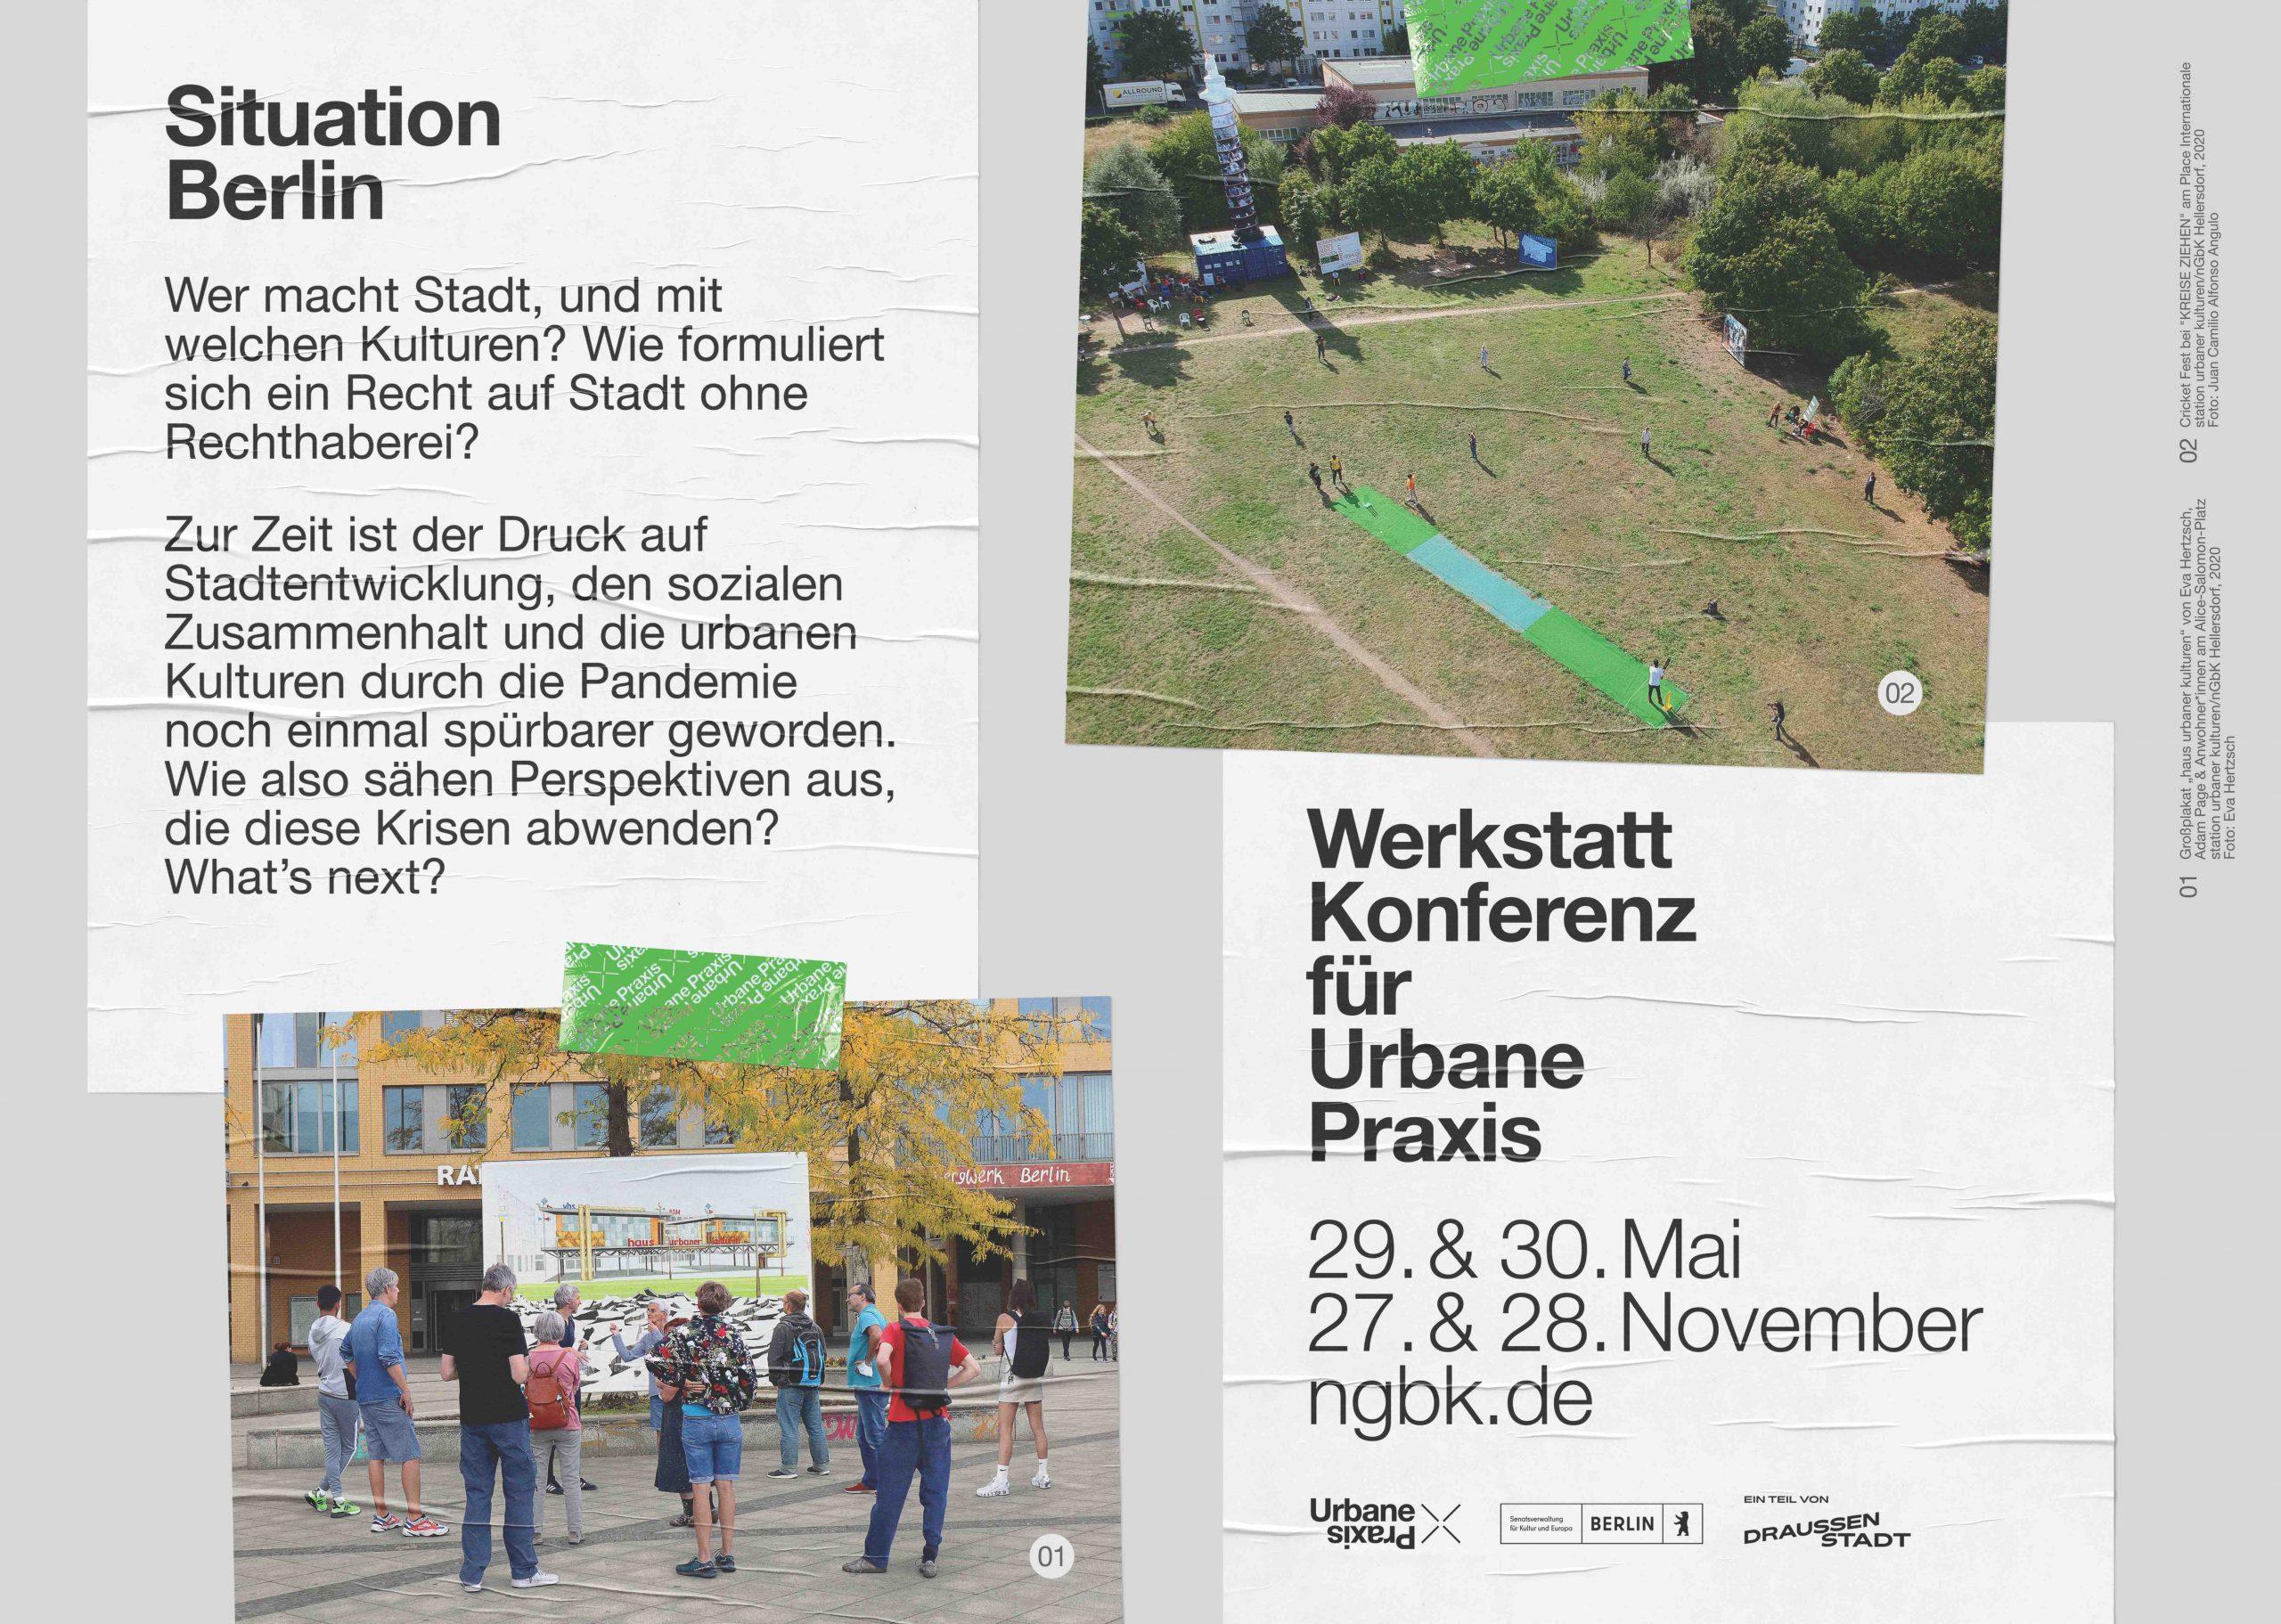 Plakat, das ein Bild vom Entwurf des Hauses der Urbanen Praxis, ein Bild von Place Internationale und Texte über die Konferenz kombiniert